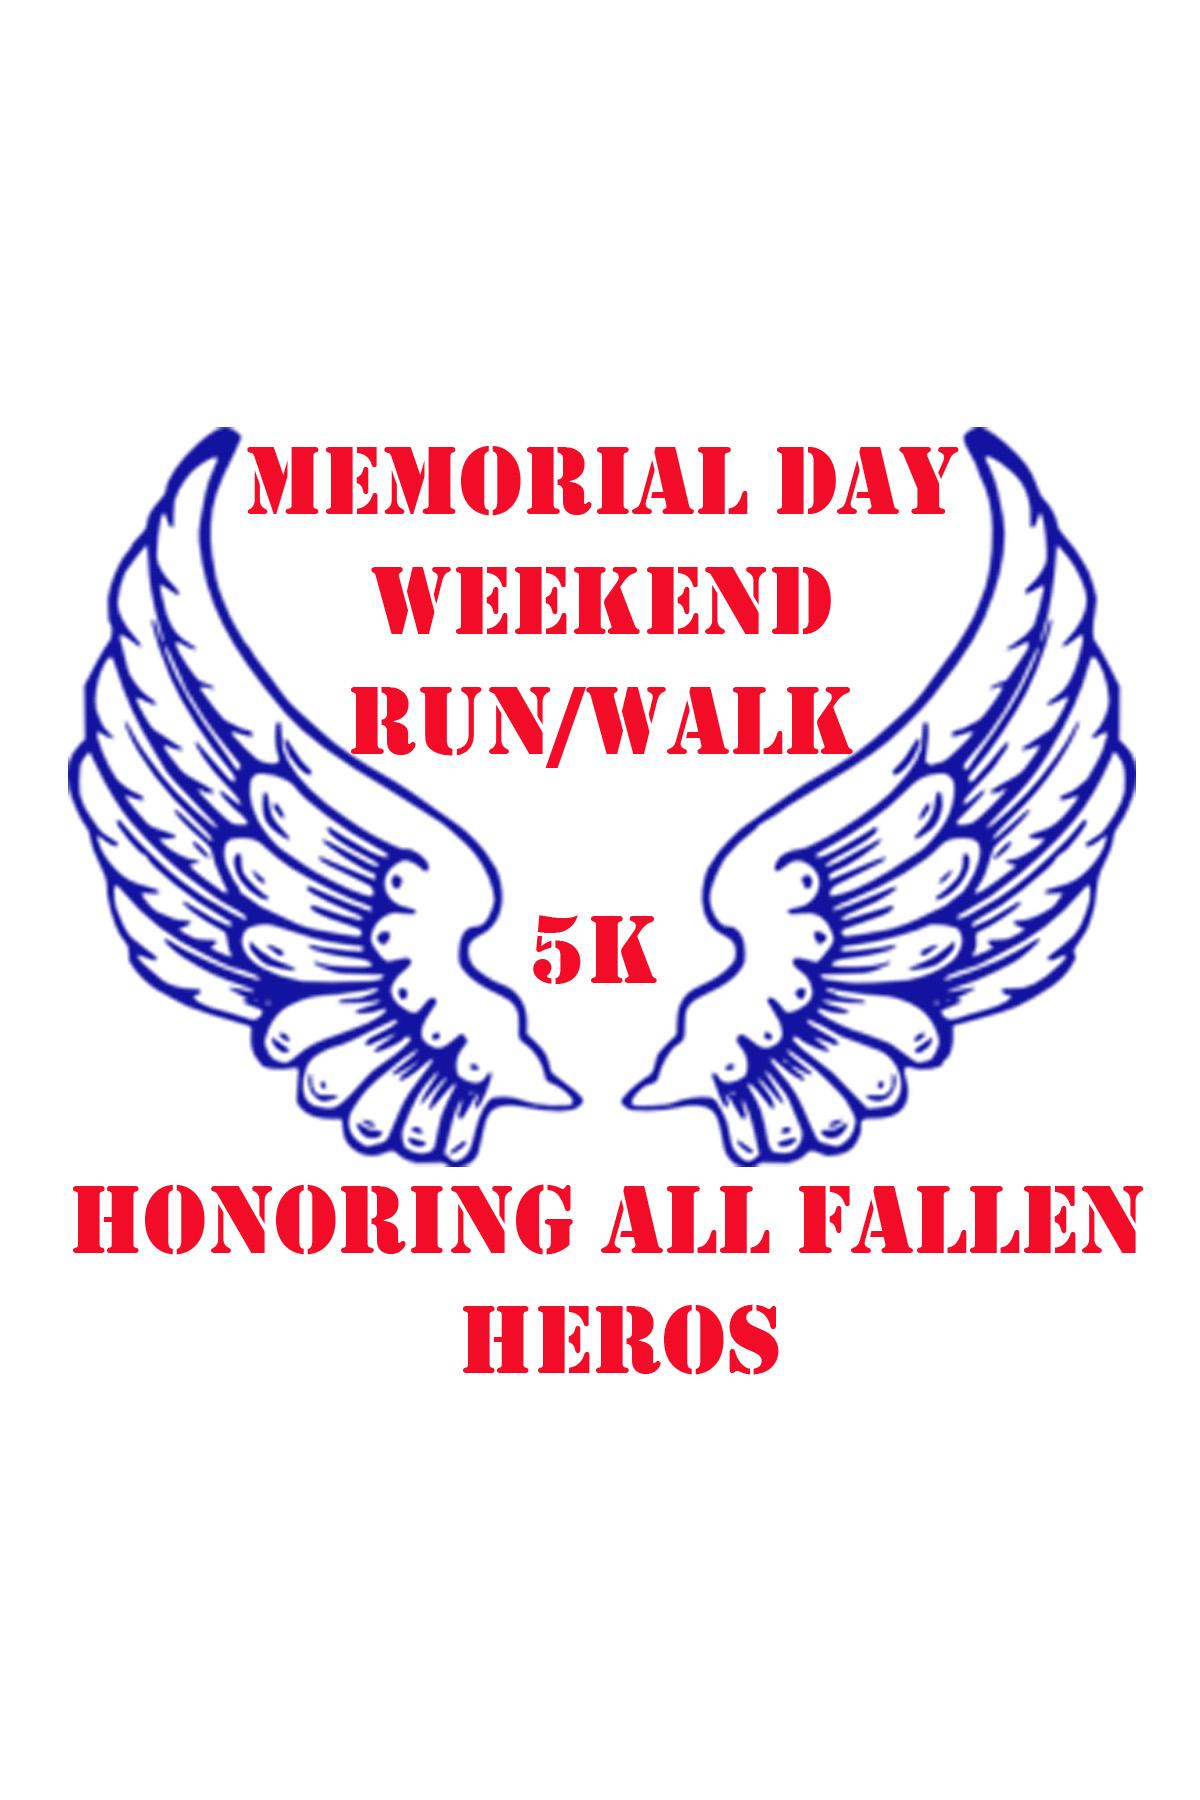 images.raceentry.com/infopages/veterans-memorial-day-runwalk-infopages-1093.jpg